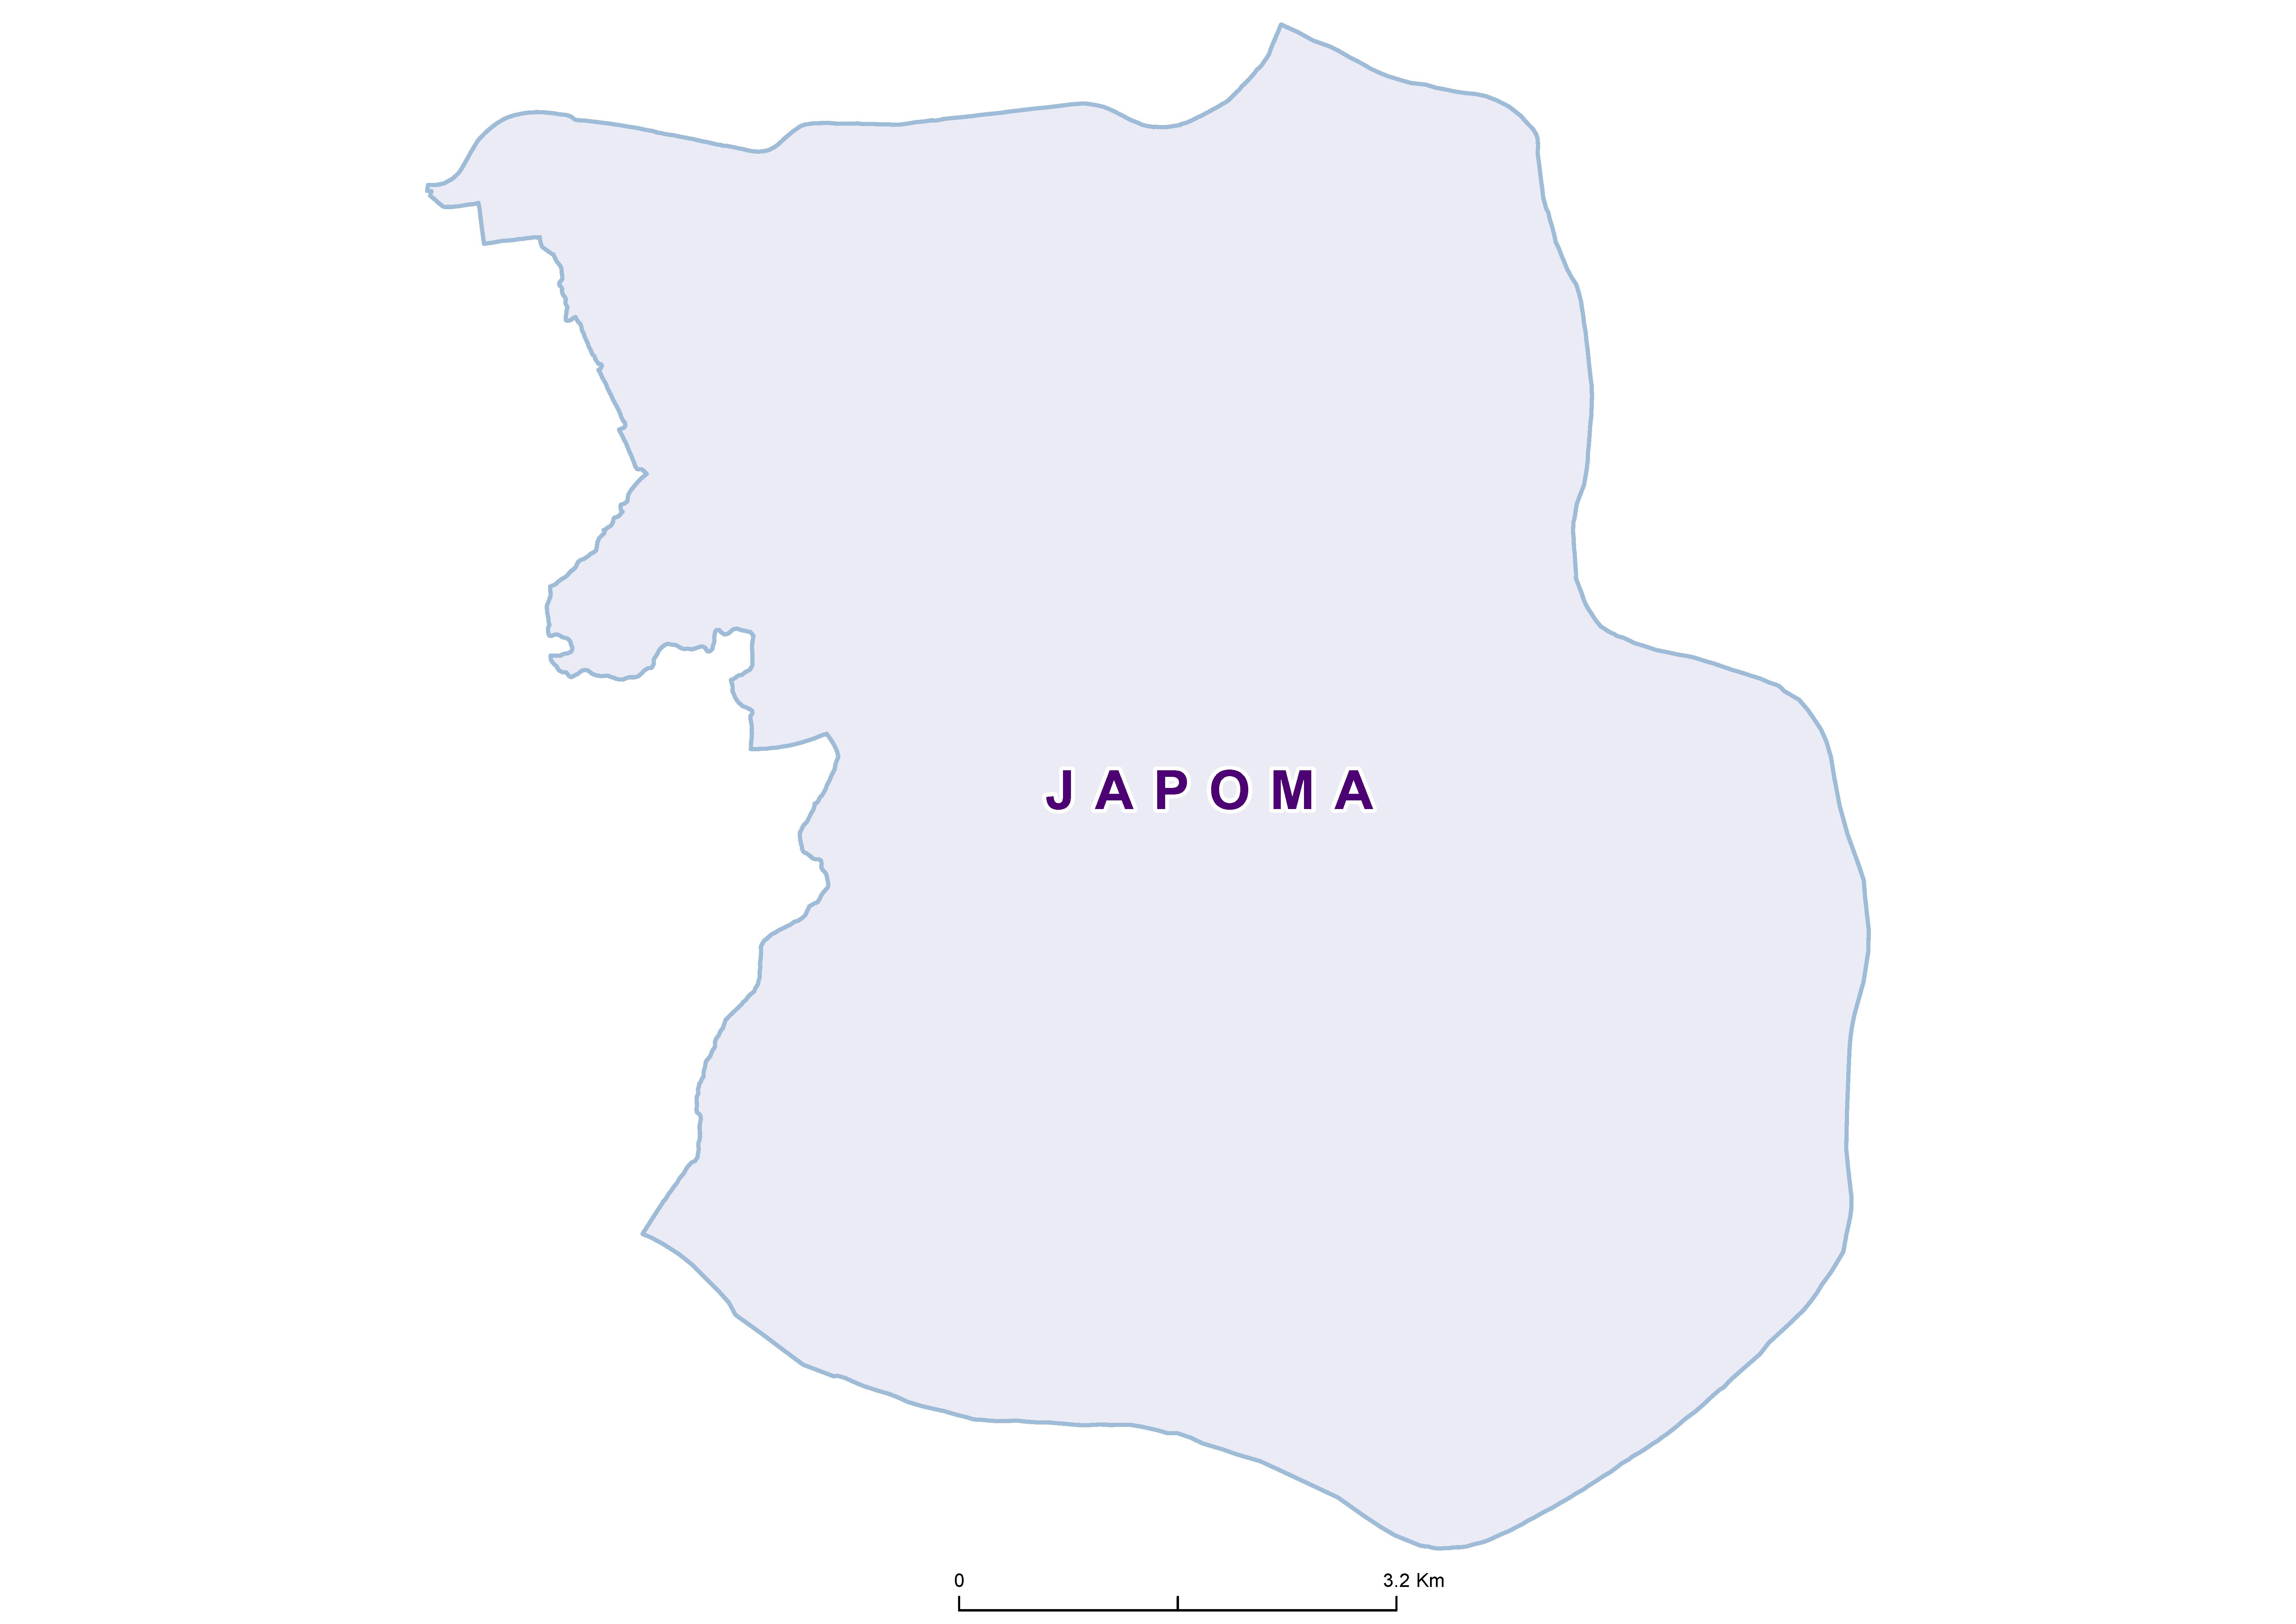 Japoma Mean SCH 20100001